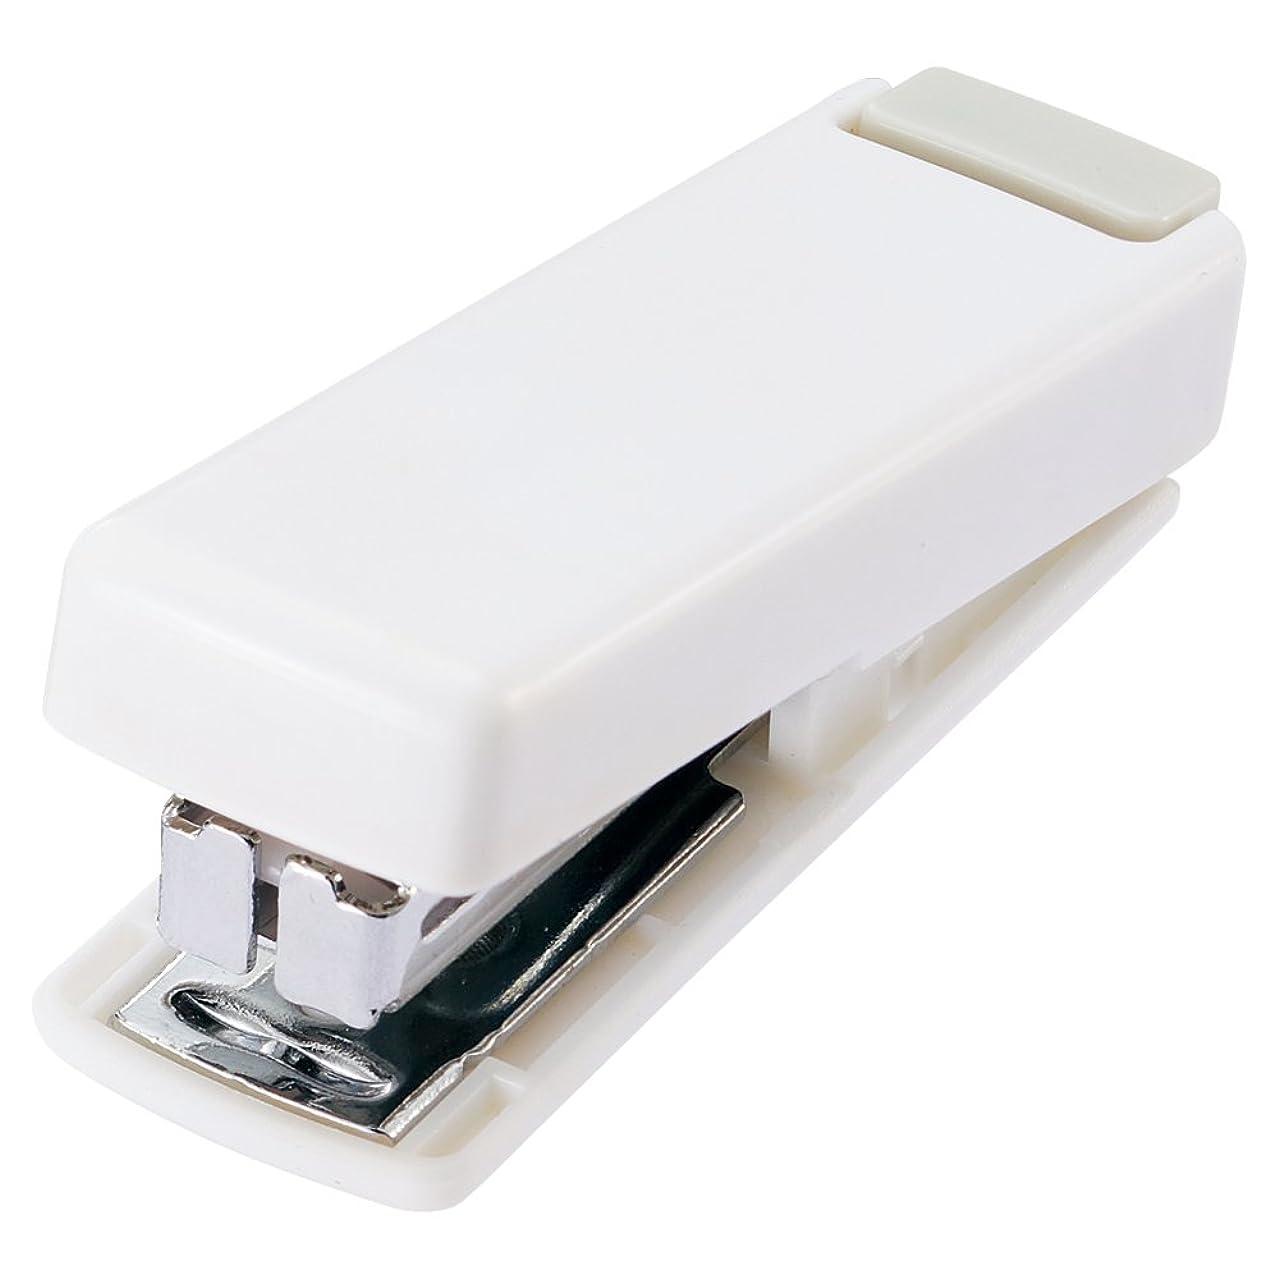 クモ突破口空のコクヨ 針なしステープラー ハリナックス コンパクトアルファ ダークネイビー SLN-MSH305DB